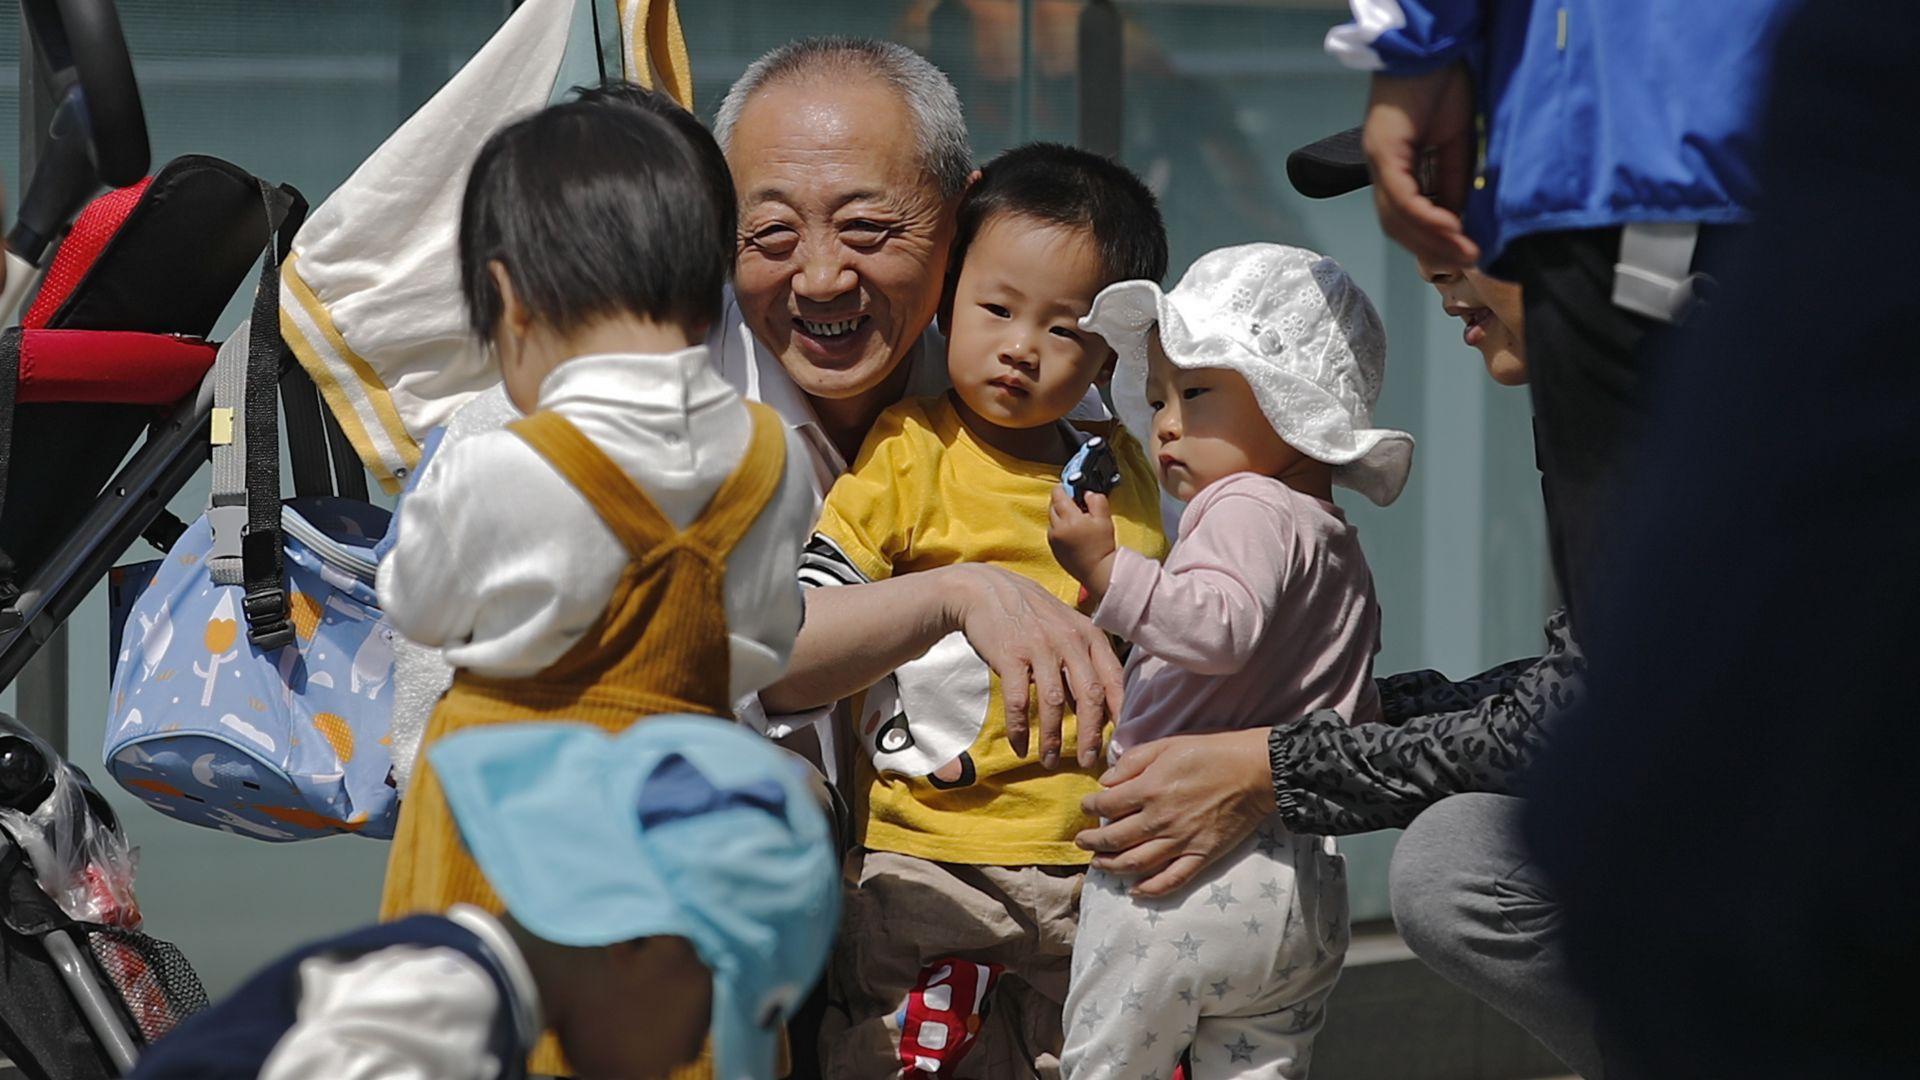 Край на двудетните семейства - Китай ще бори демографската криза с право на трето дете